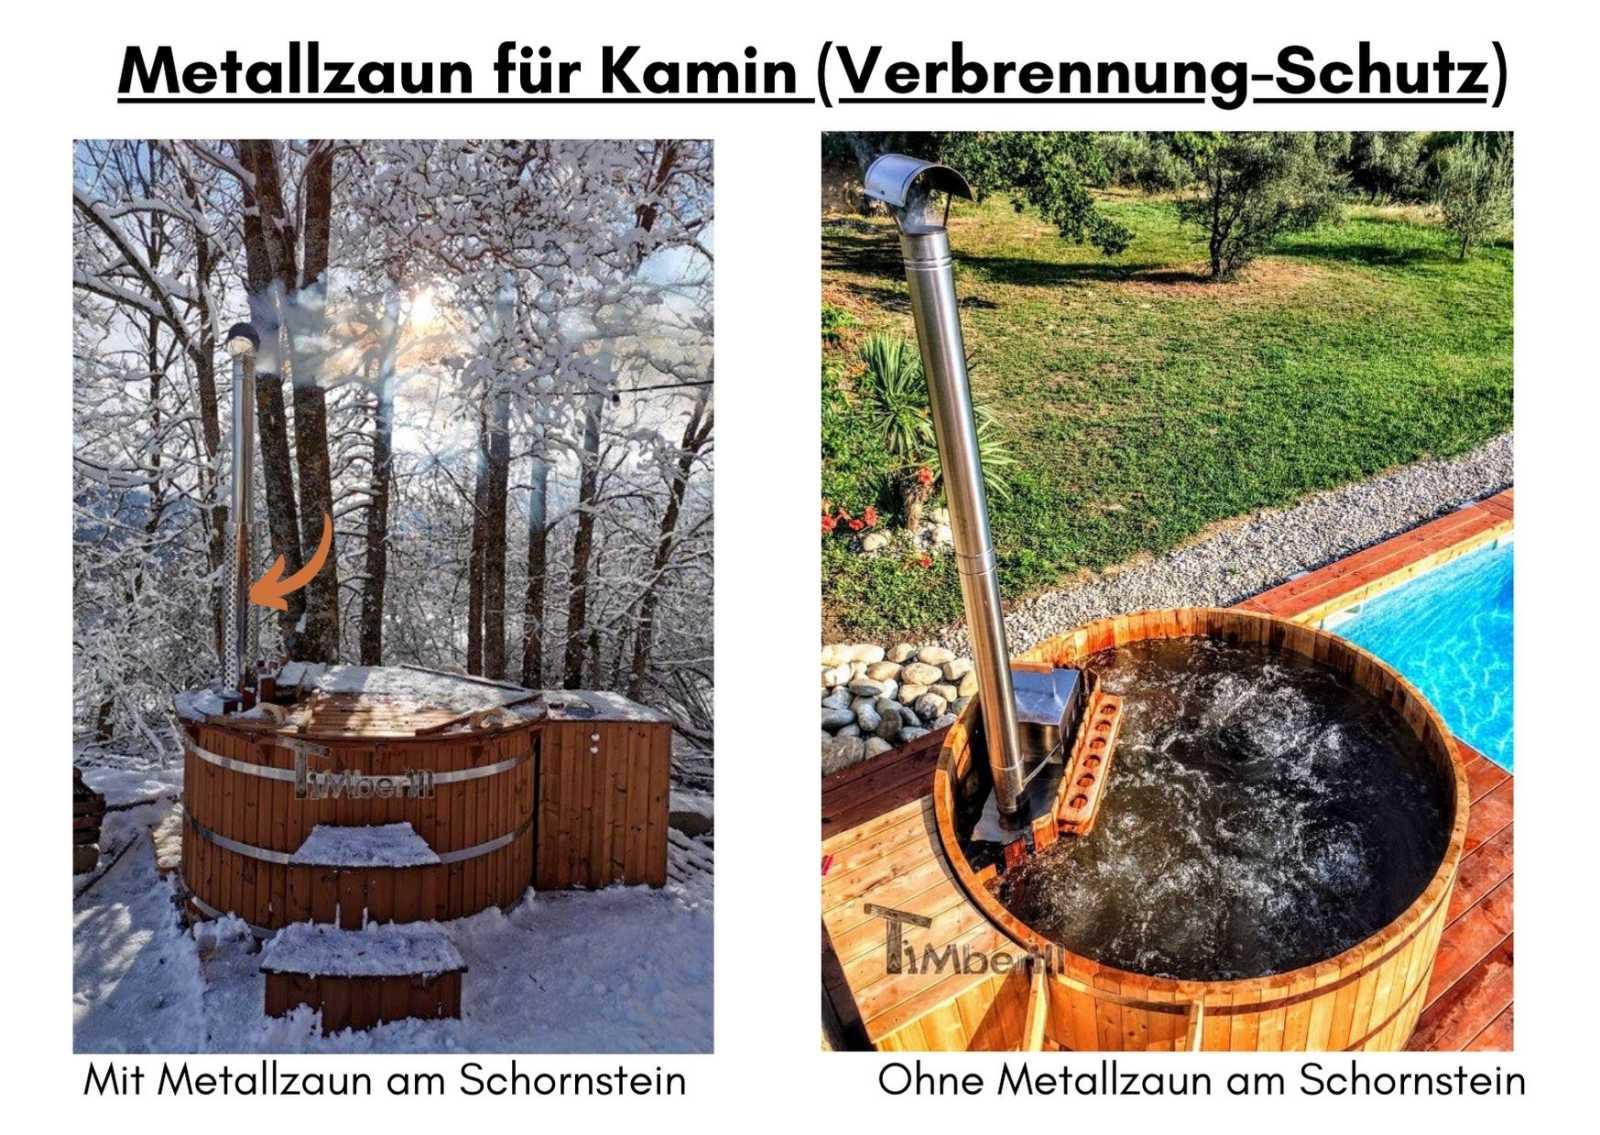 Metallzaun fuer Kamin Verbrennung Schutz 1